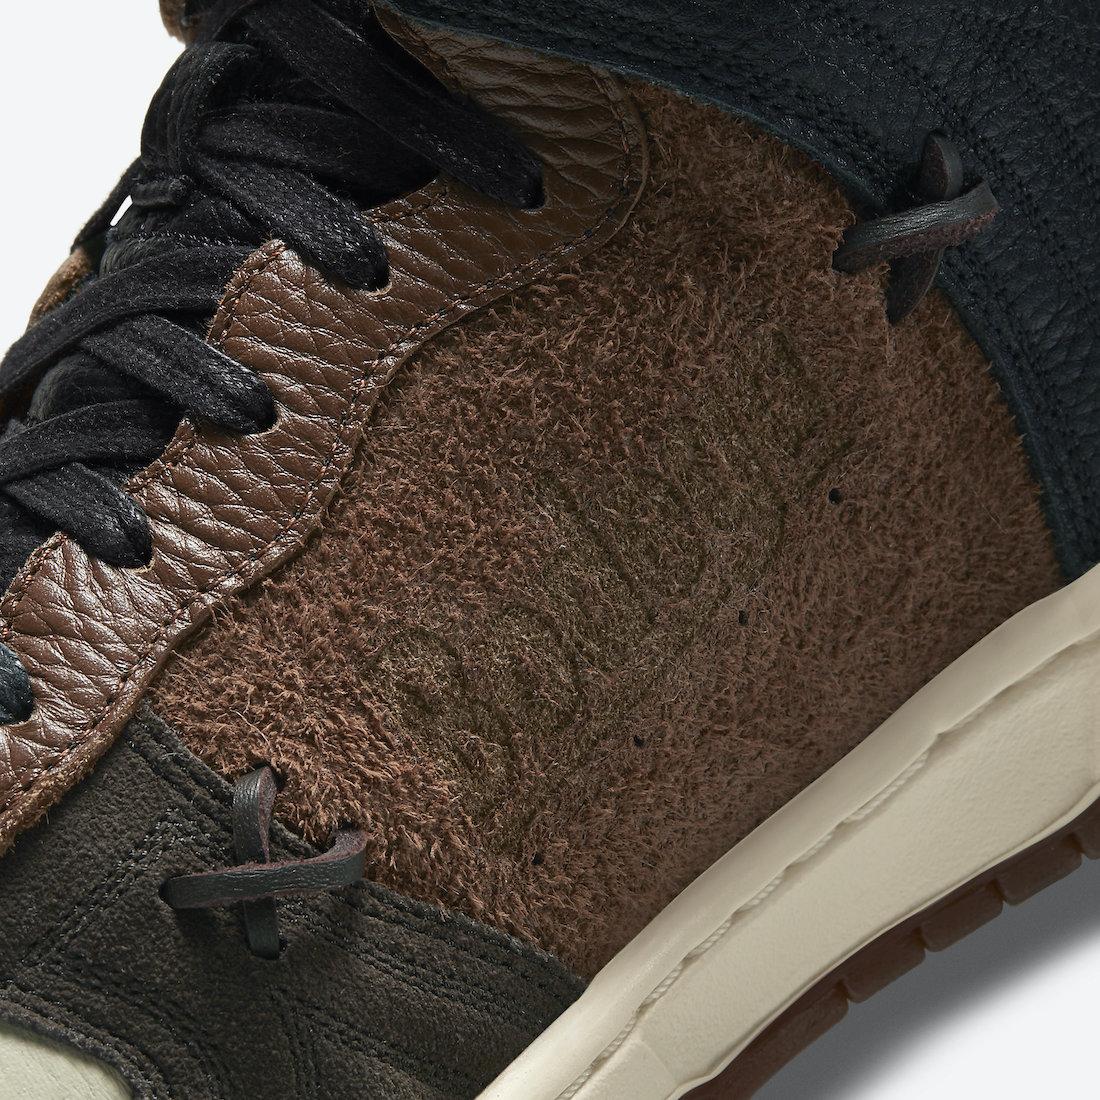 ボデガ × ナイキ ダンク ハイ Bodega-Nike-Dunk-High-Sail-Birch-Rustic-Multi-Color-CZ8125-100 main